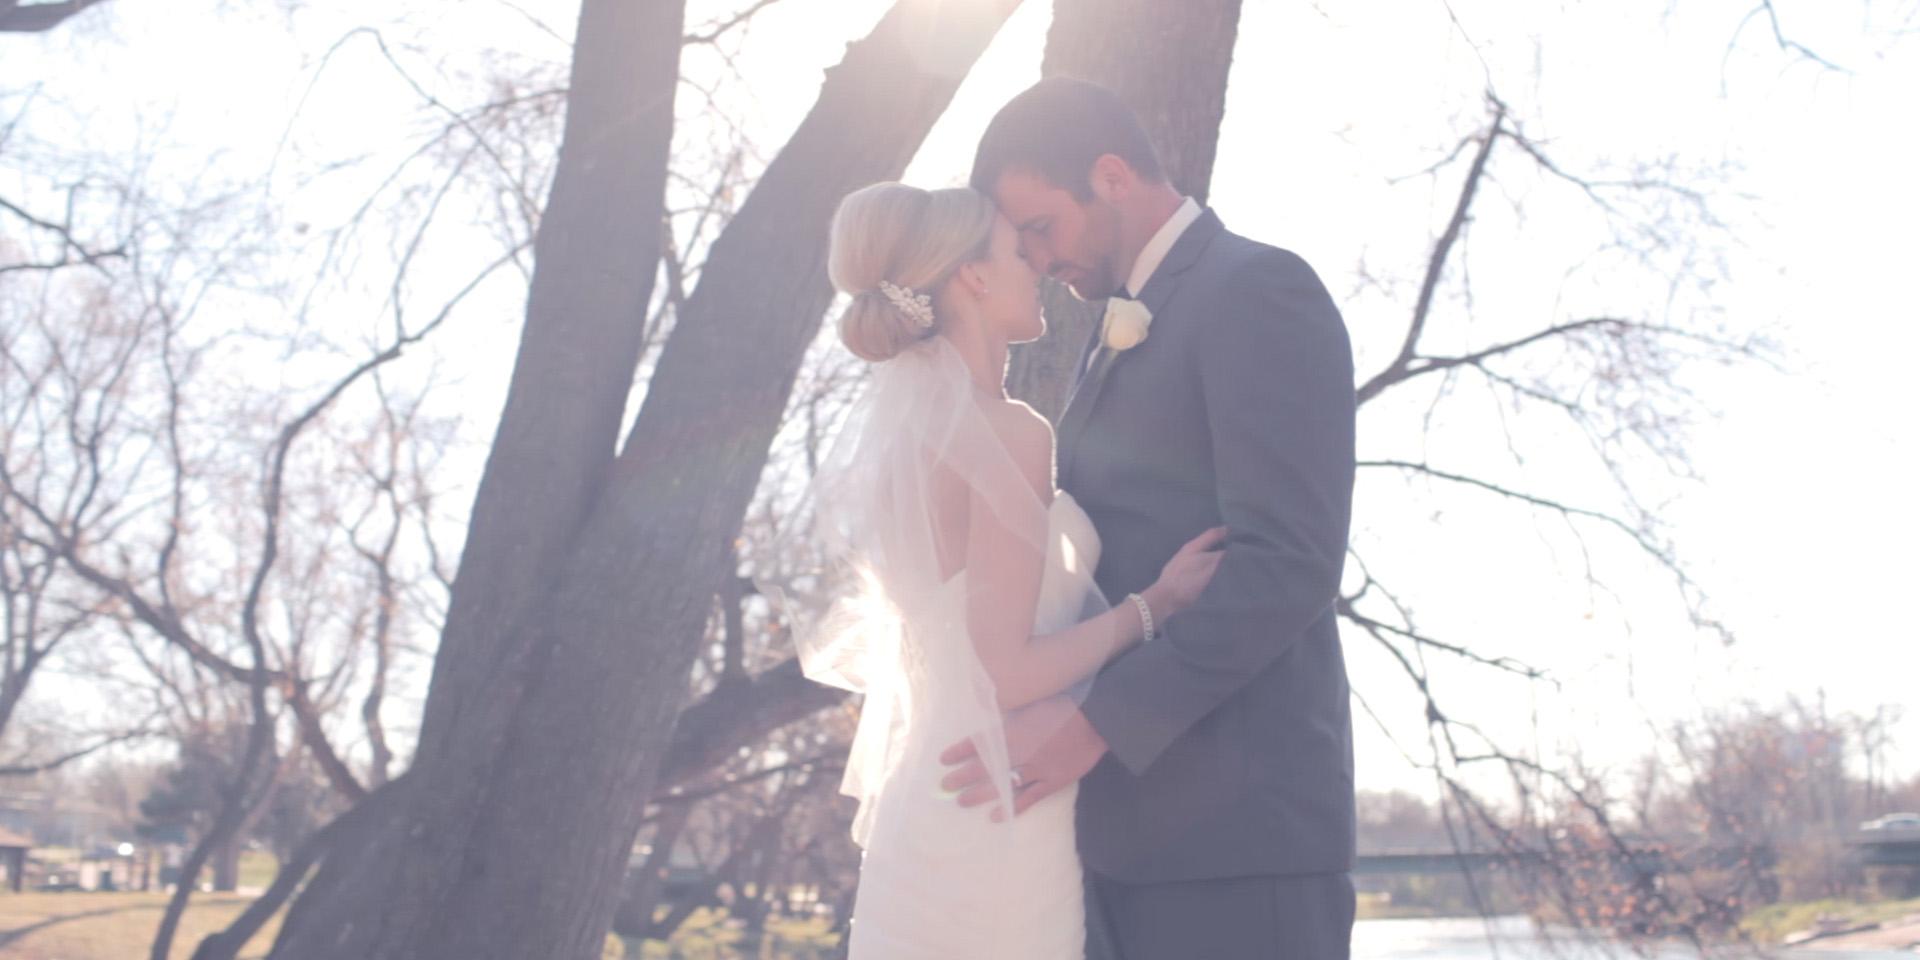 wedding story.00_03_35_16.Still008.jpg